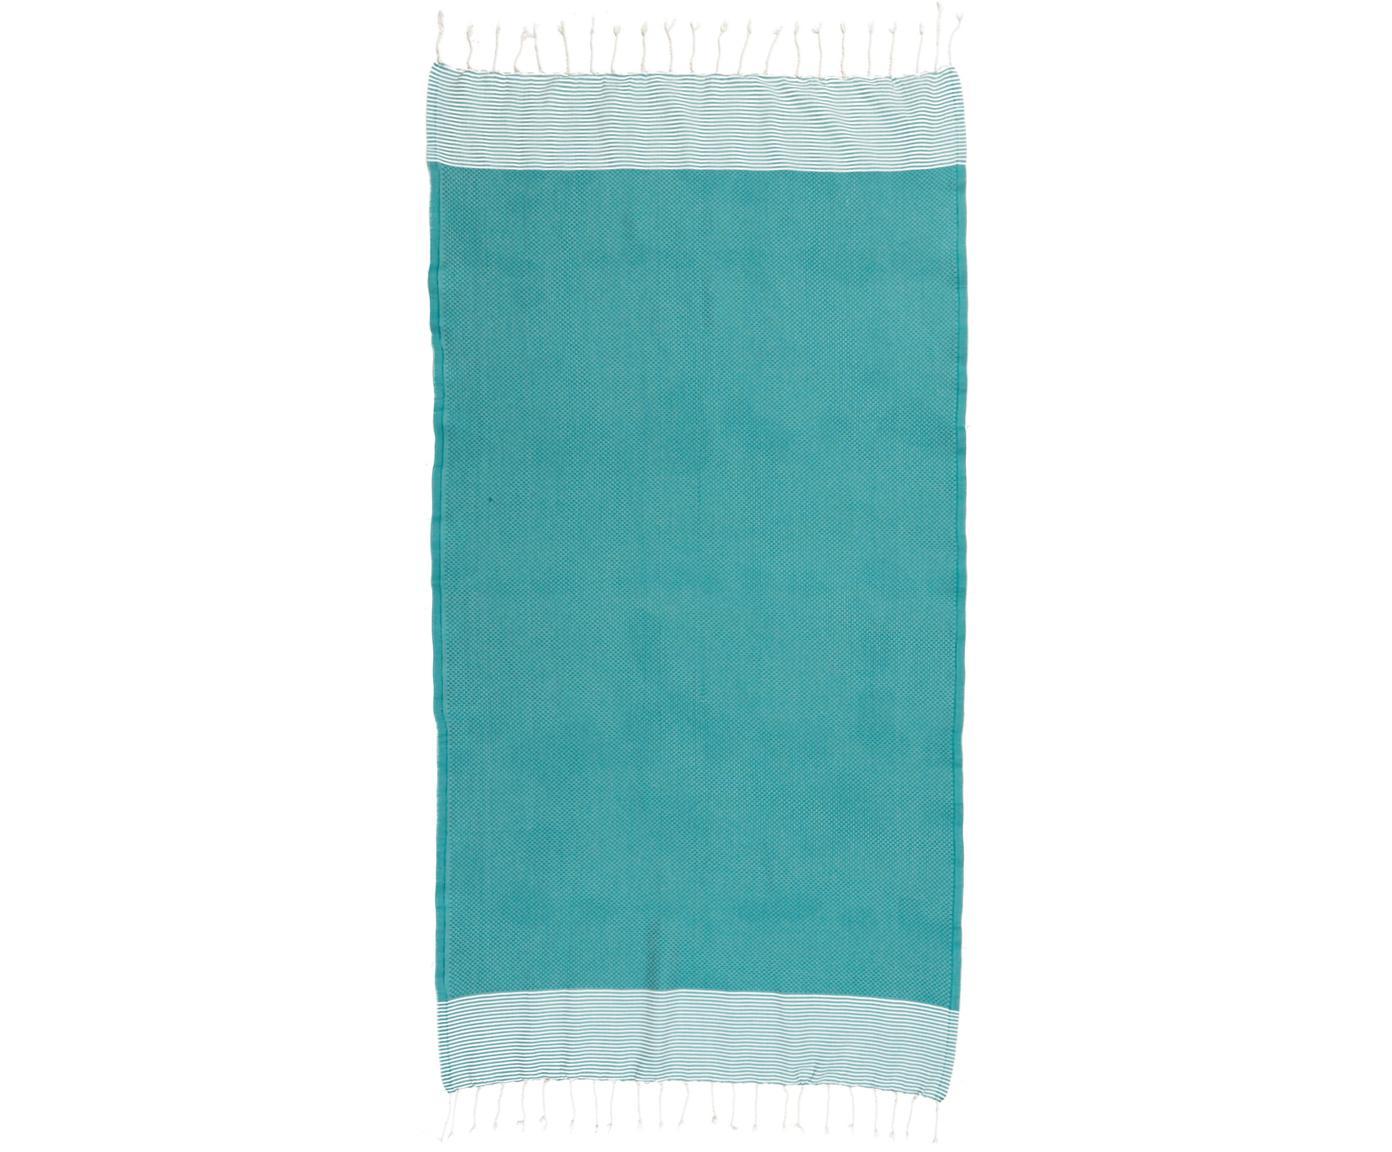 Fouta Ibiza, 100% bawełna, Bardzo niska gramatura, 200 g/m², Niebieskozielony, biały, D 100 x S 200 cm